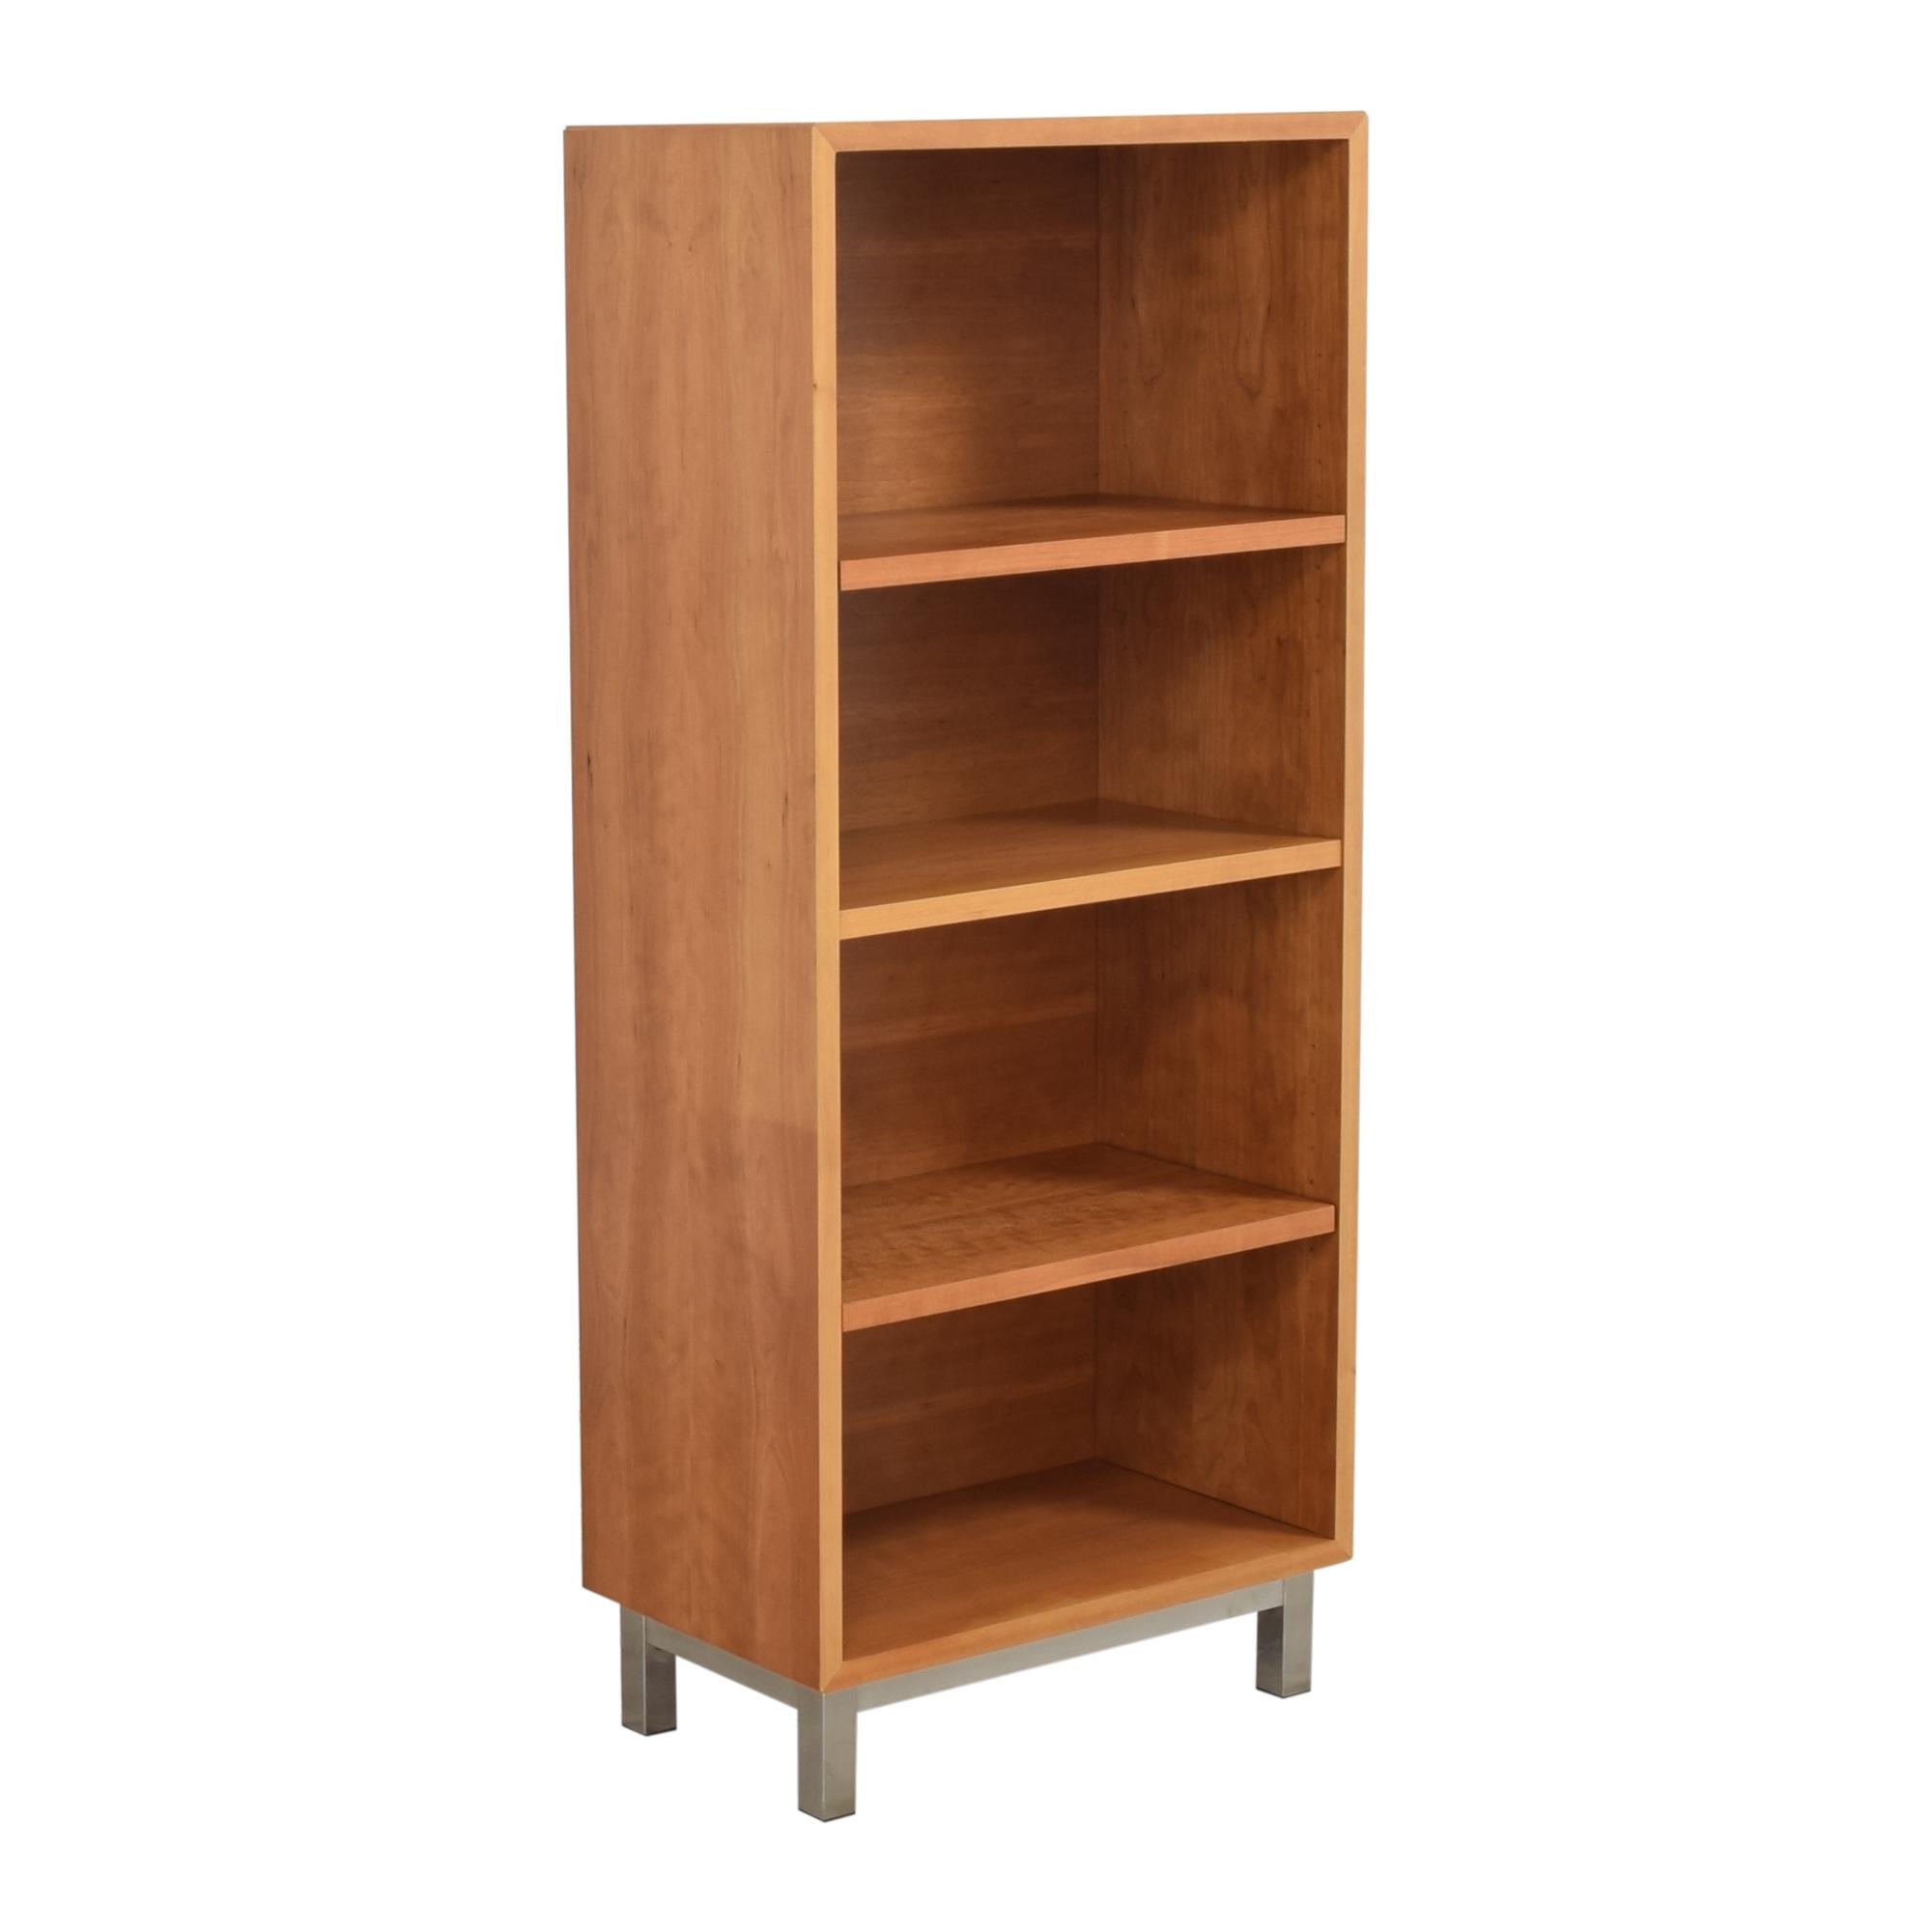 Room & Board Room & Board Copenhagen Bookcase dimensions